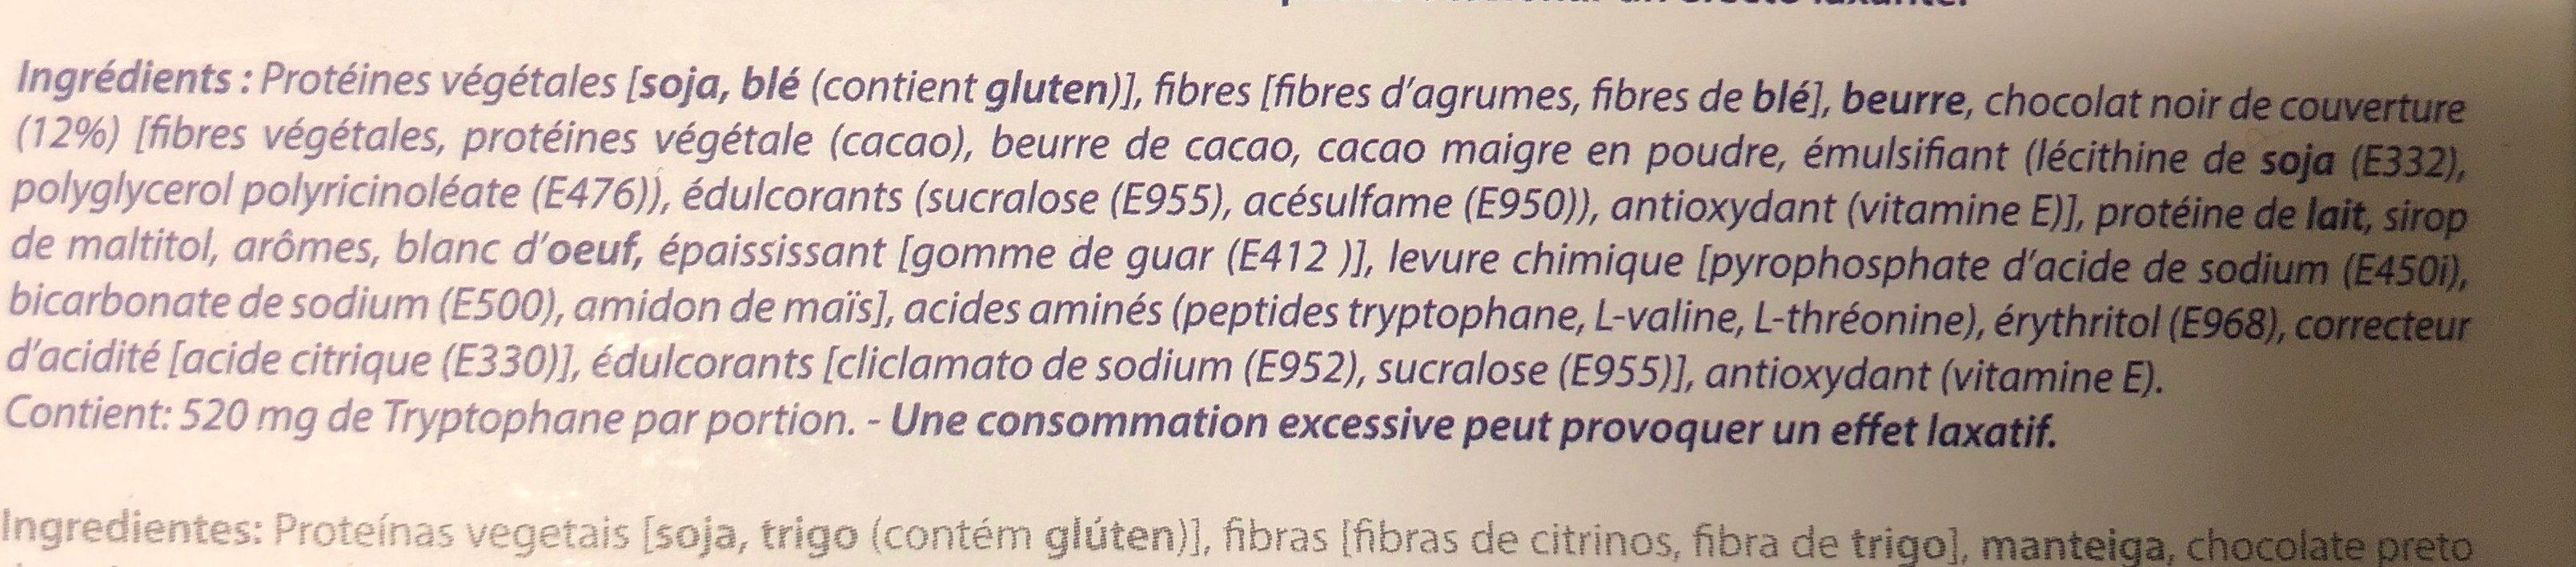 Biscuit noisettes - Ingrediënten - fr